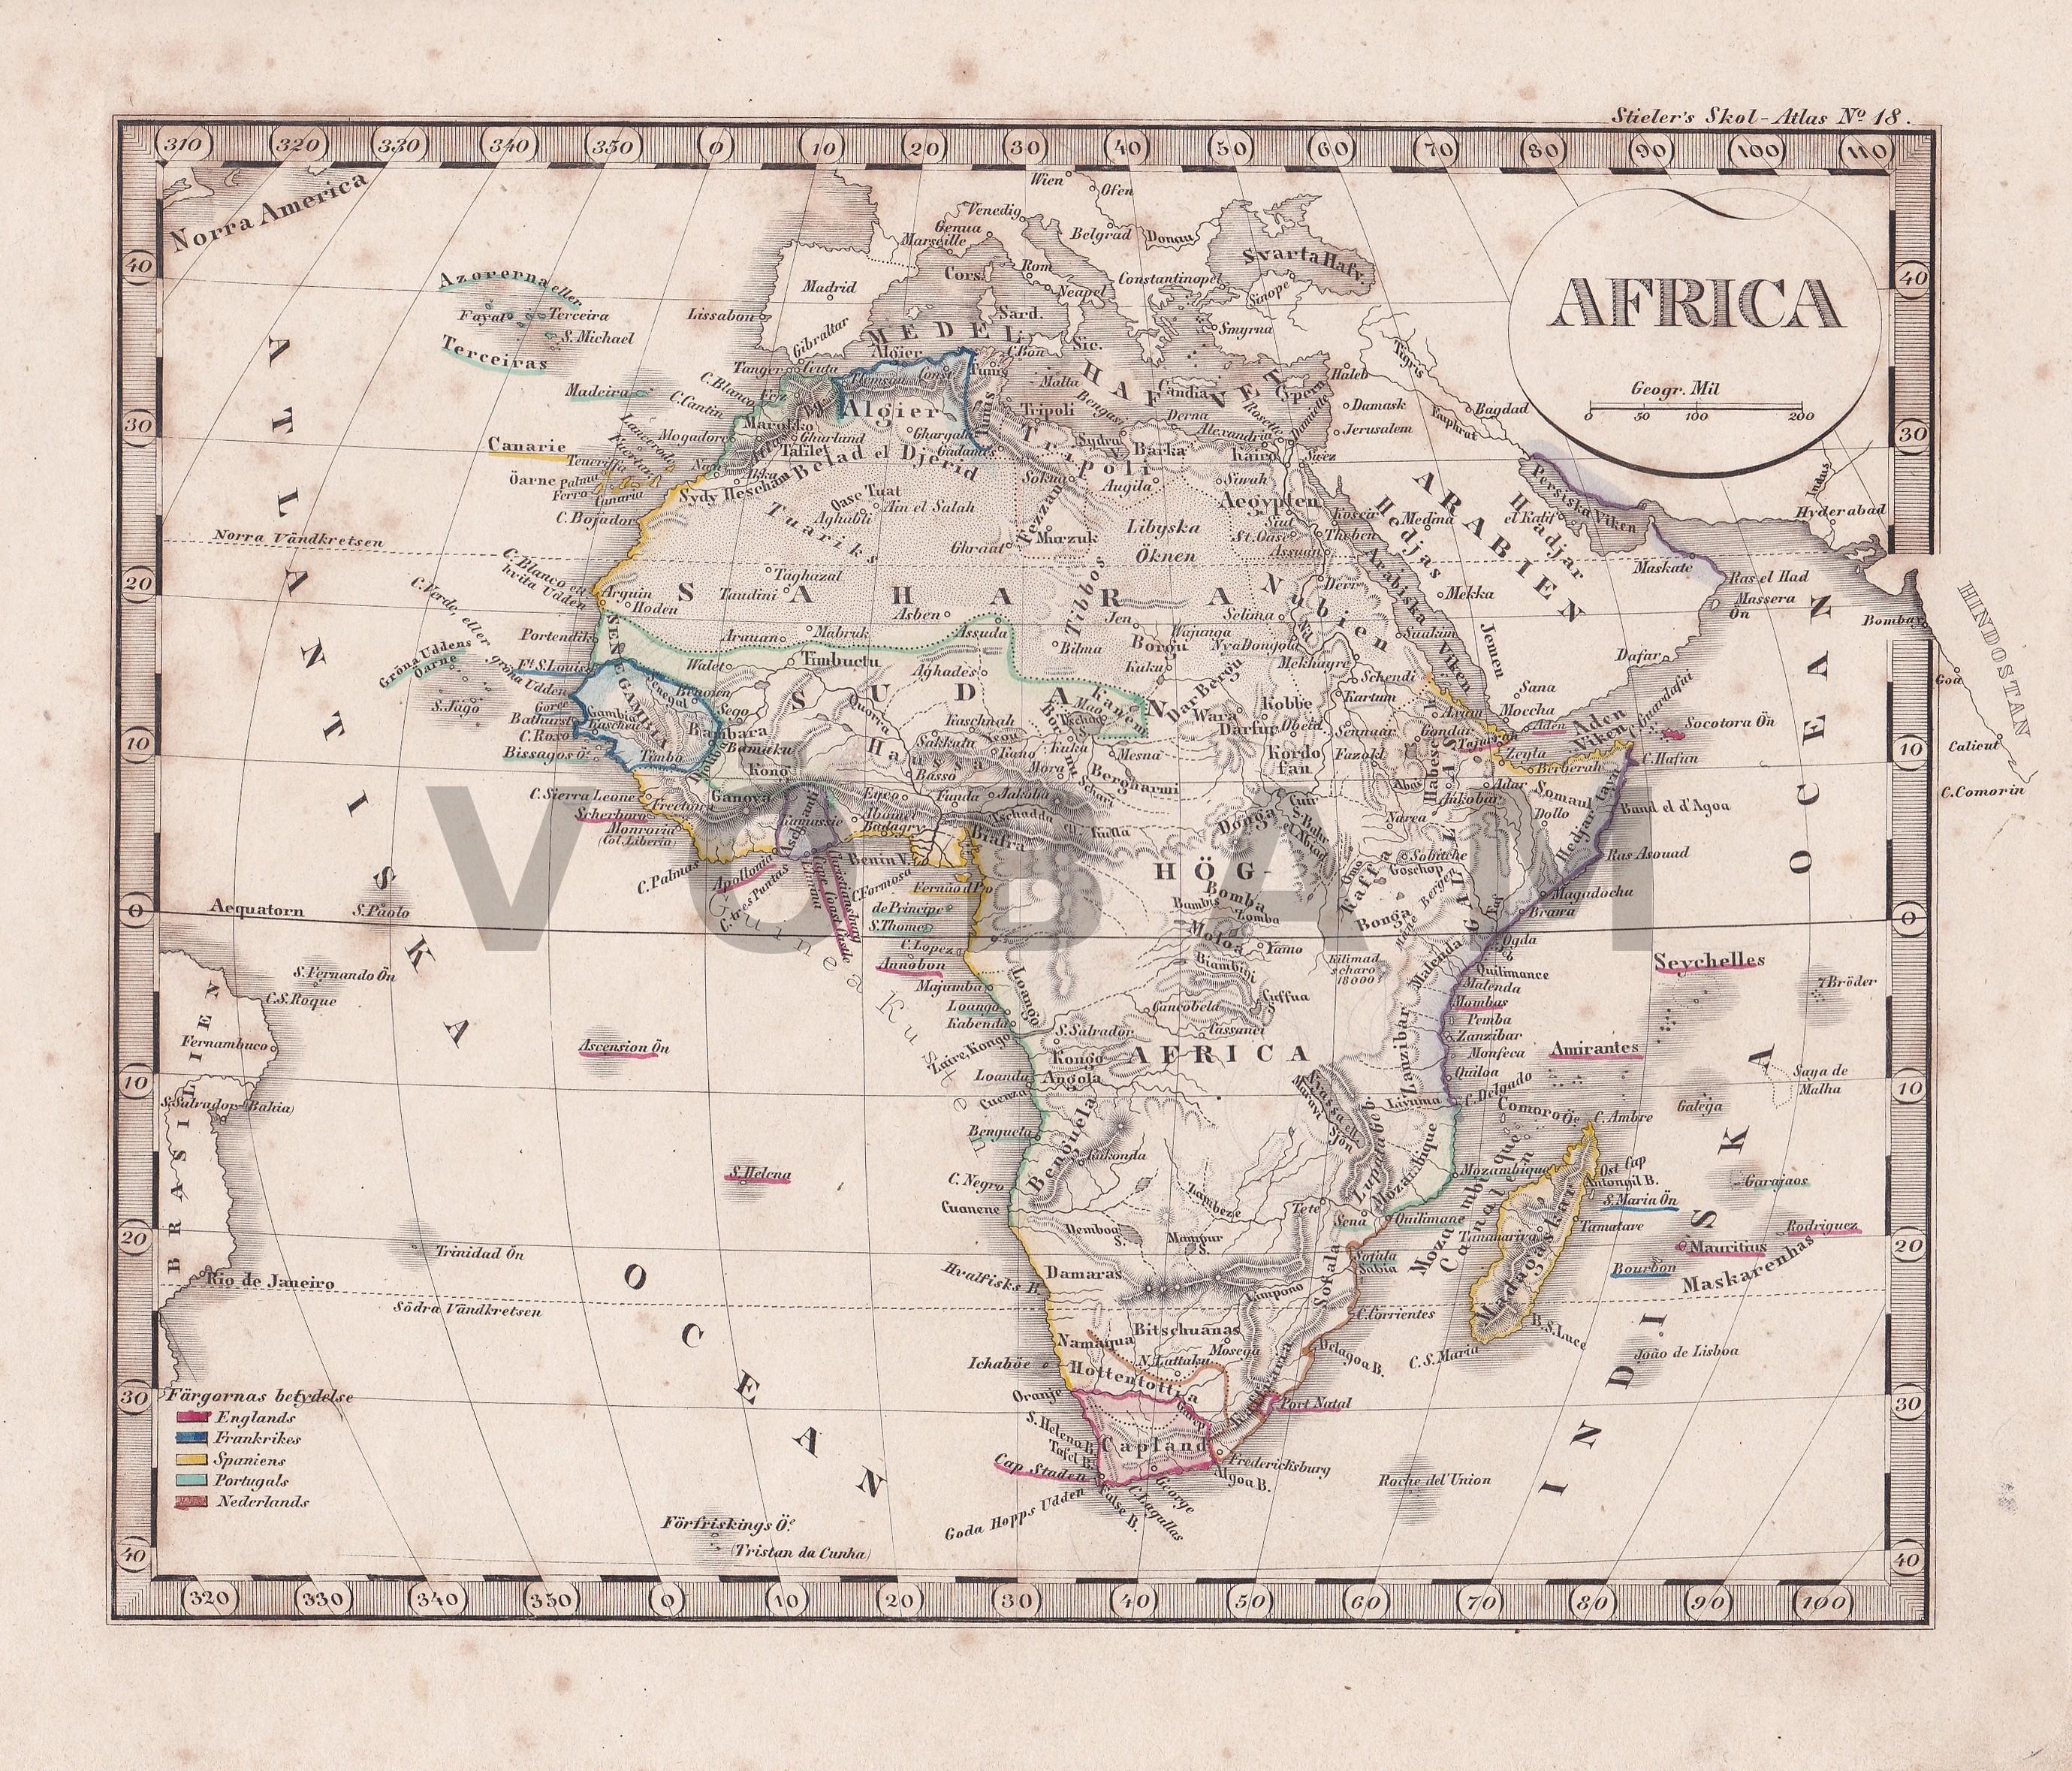 Karta Afrikas Ostkust.Vobam Bilder Och Kartor Fran Hela Varlden Antika Och Nytryck